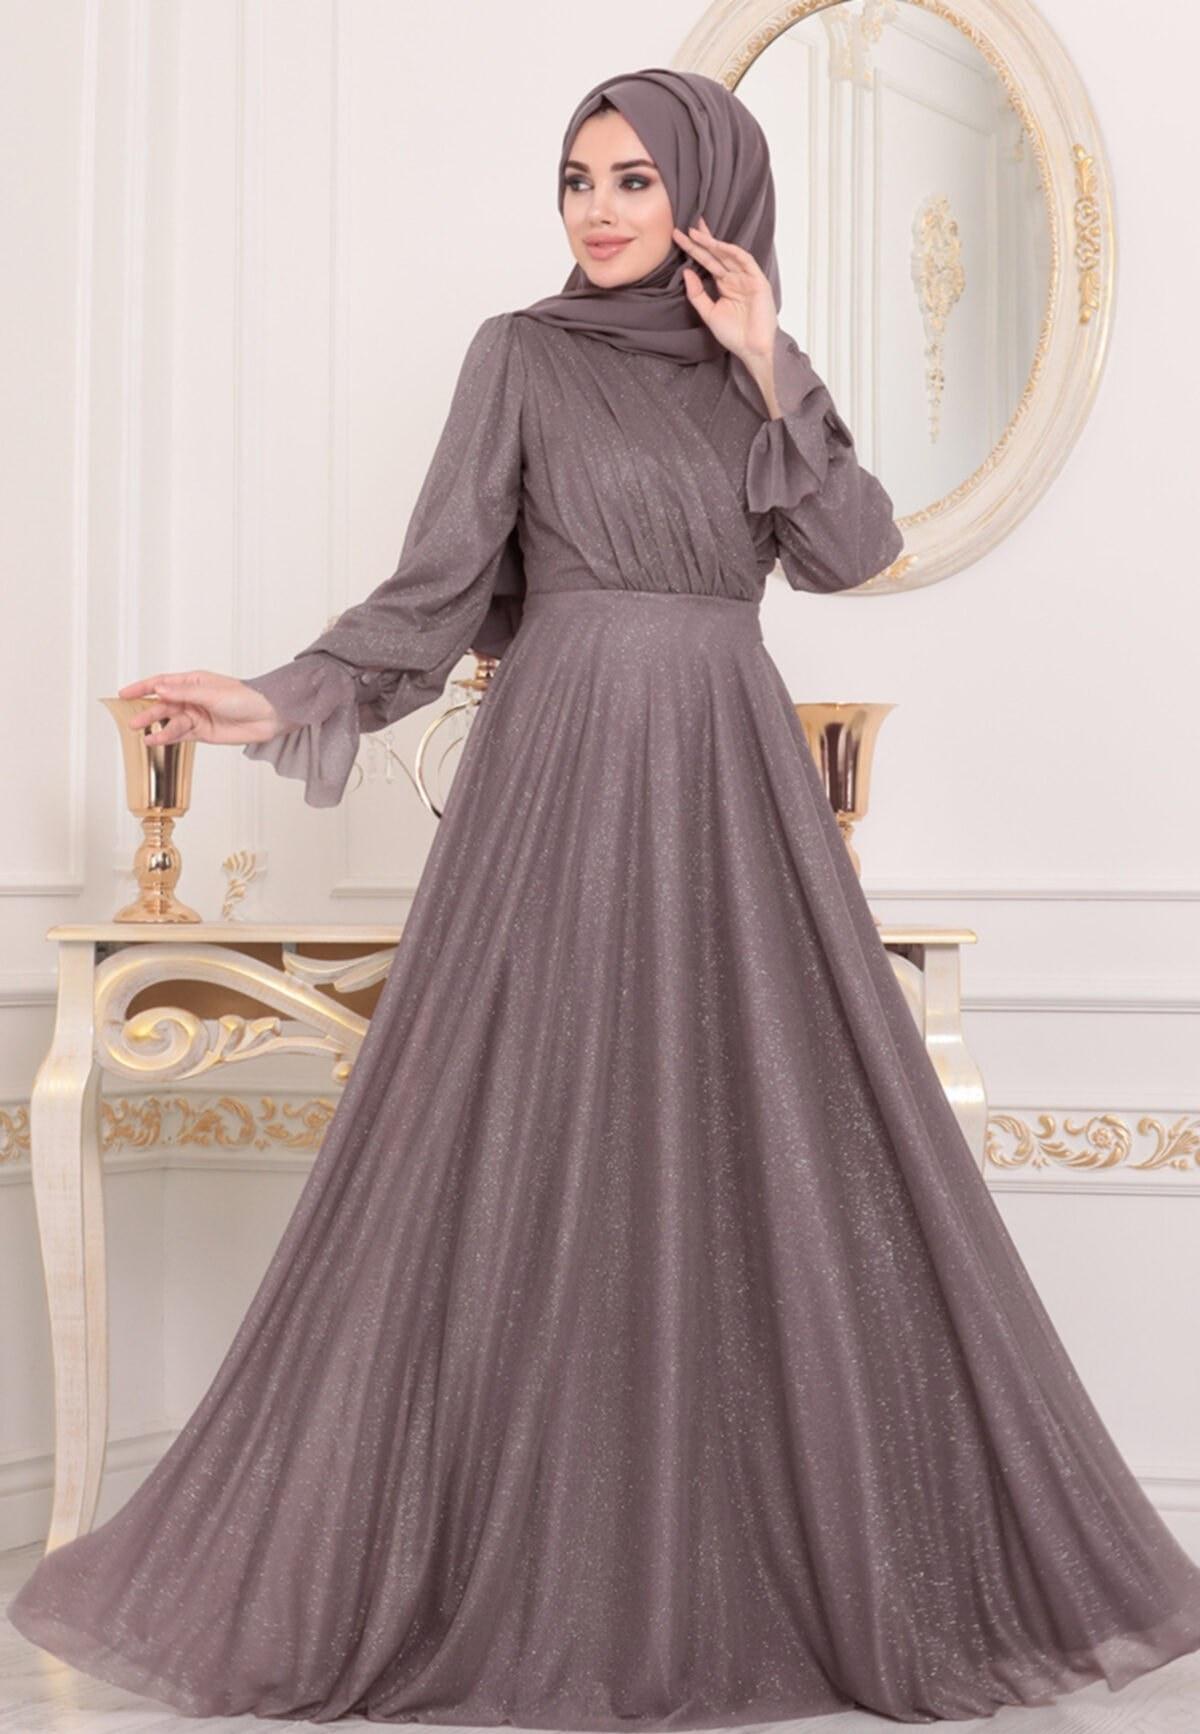 تصویر لباس مجلسی محجبه زنانه بنفش برند Neva Style کد 1617735842